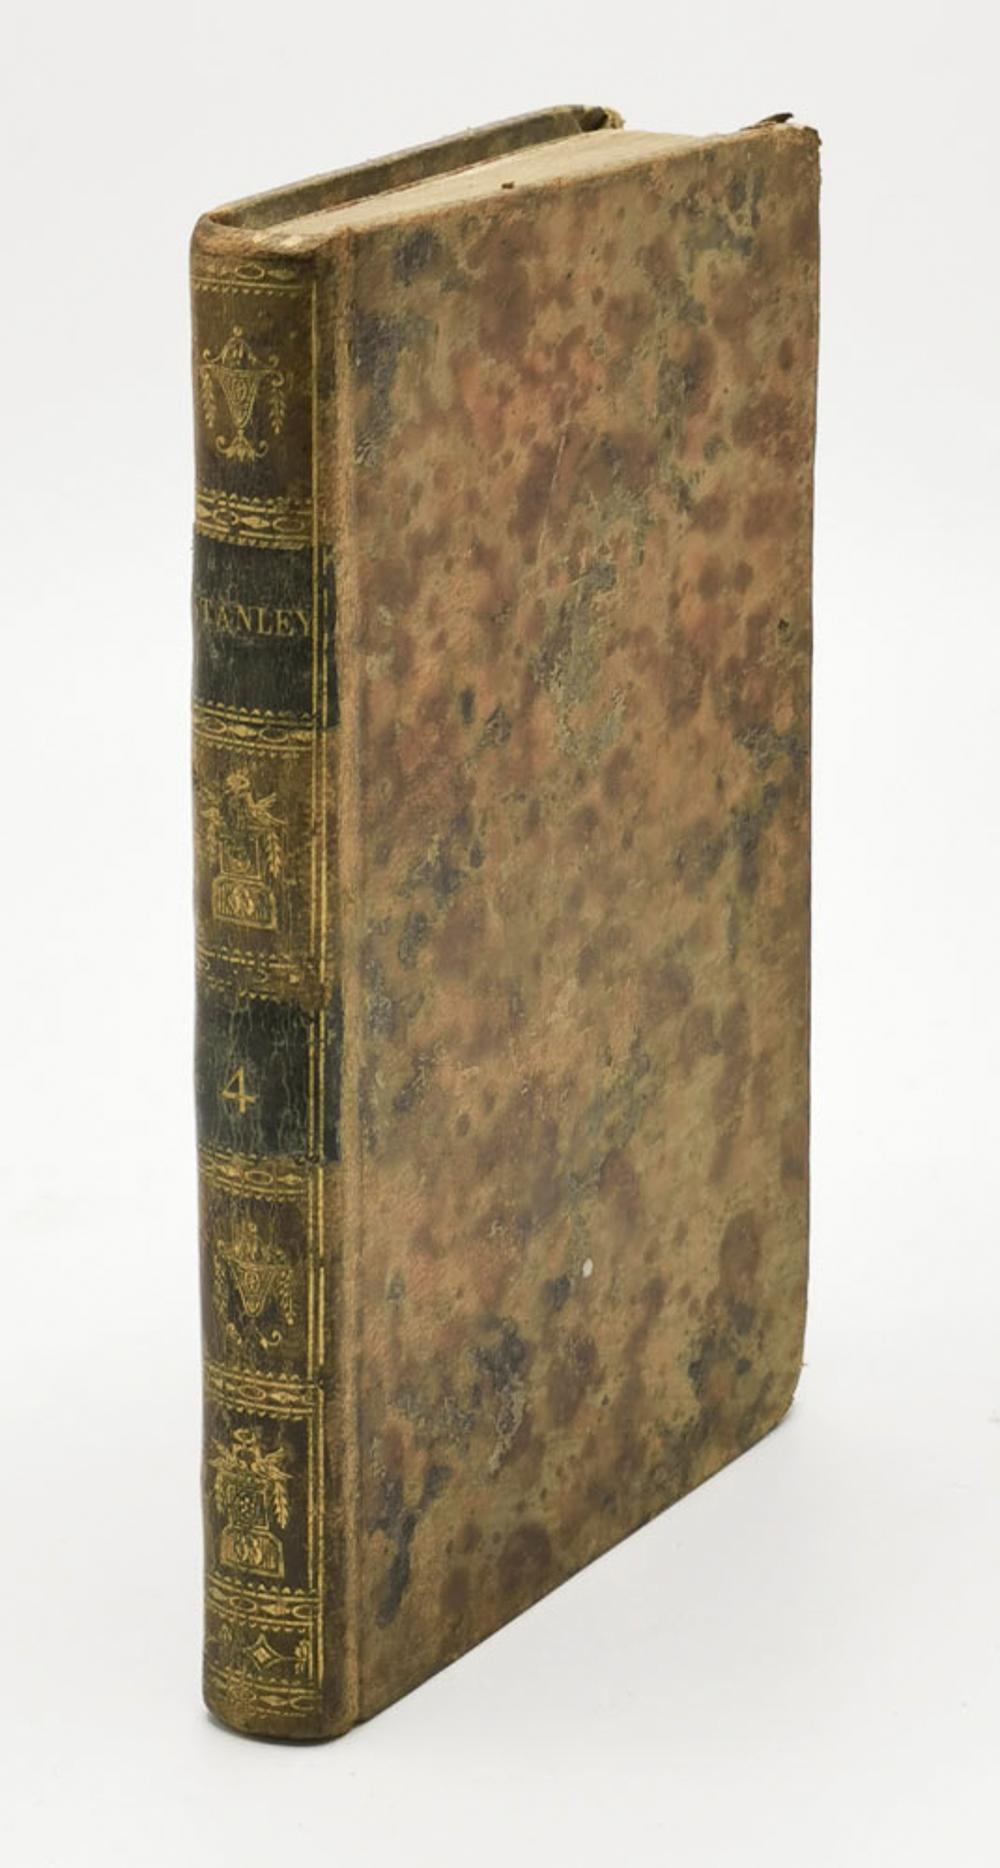 STANLEY, OR LES DEUX FRÉRES, 1 vol. enc.